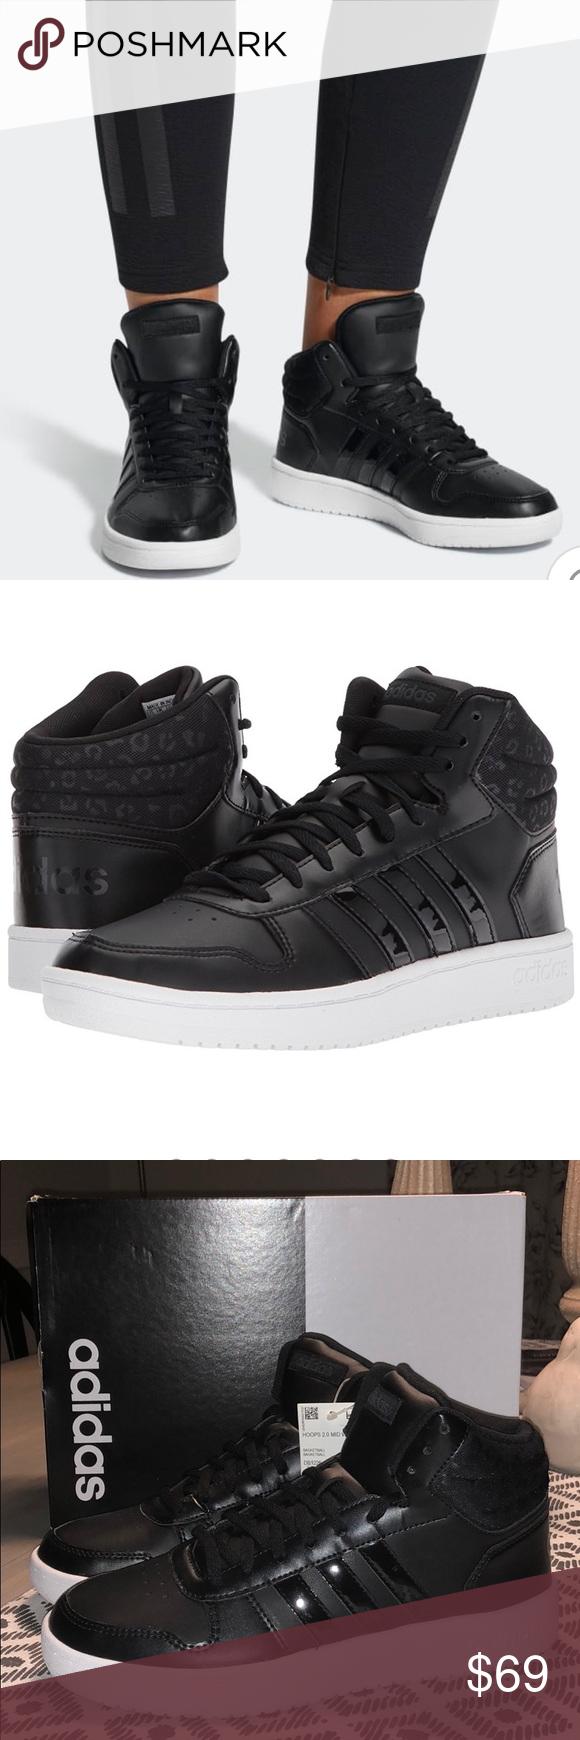 Adidas Hoops 2.0 Mid - Black/Black